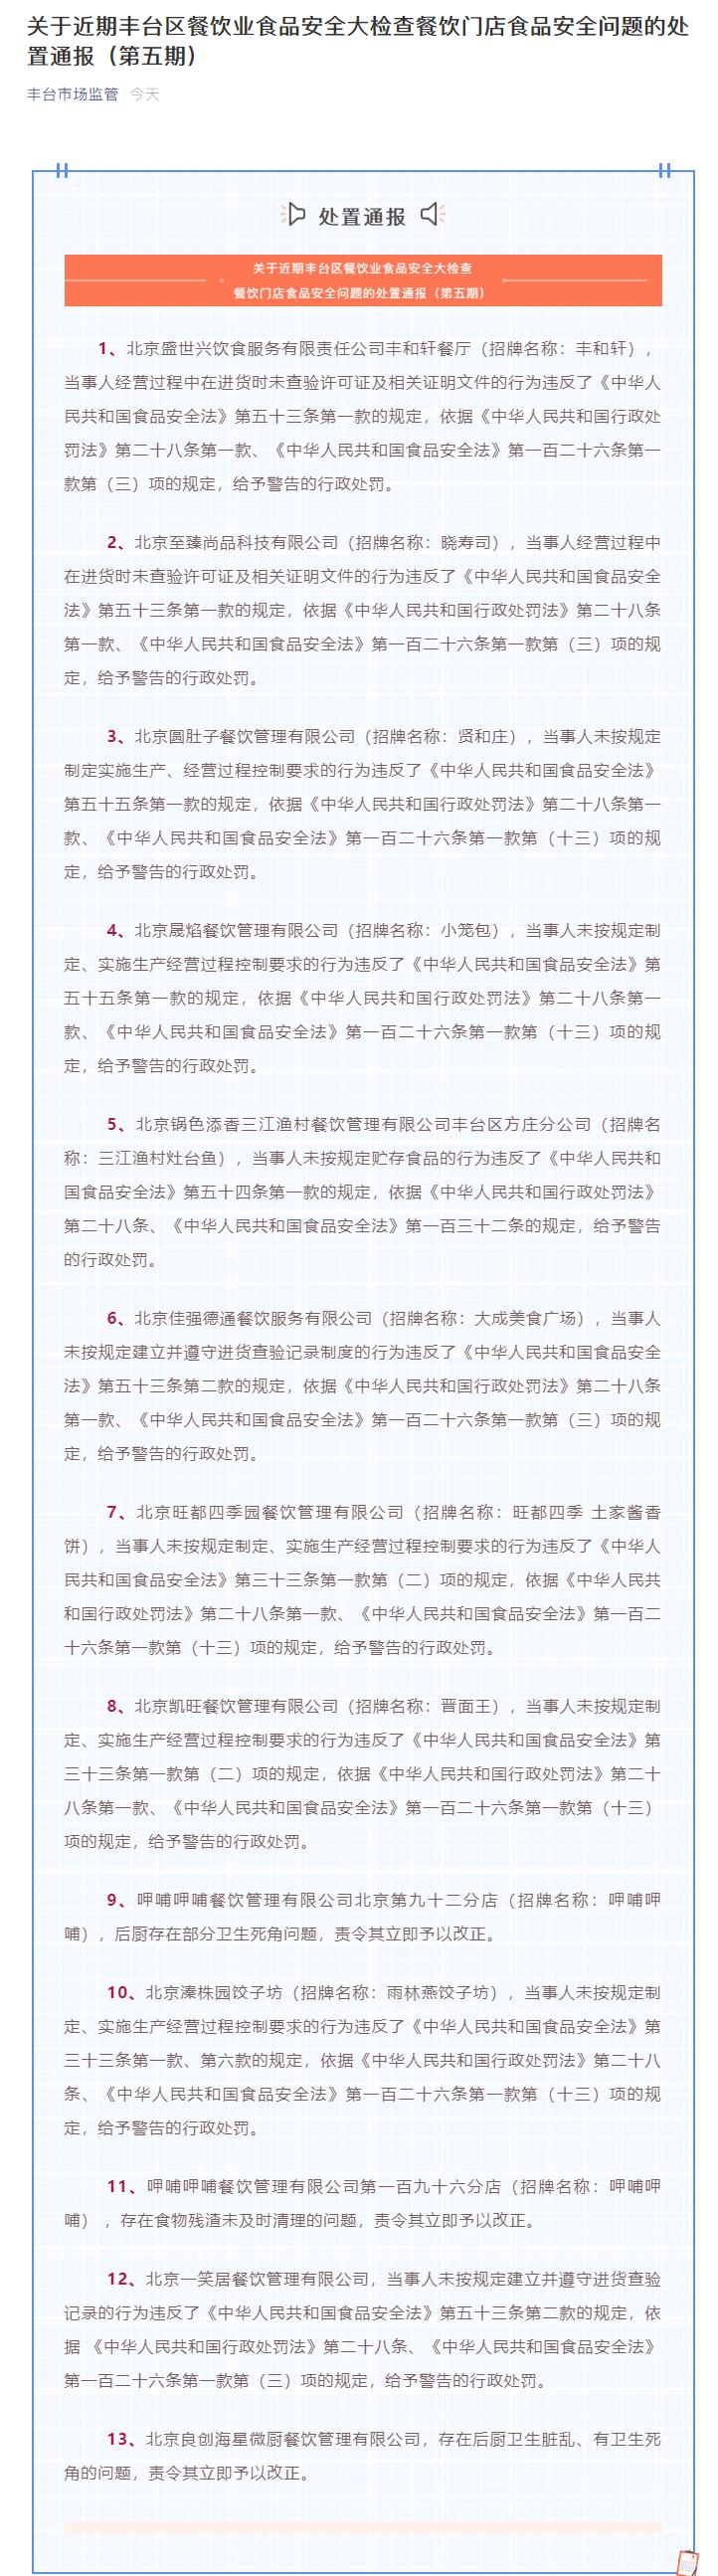 """北京丰台通报一批""""问题餐饮店"""" 晓寿司、贤和庄等上榜"""